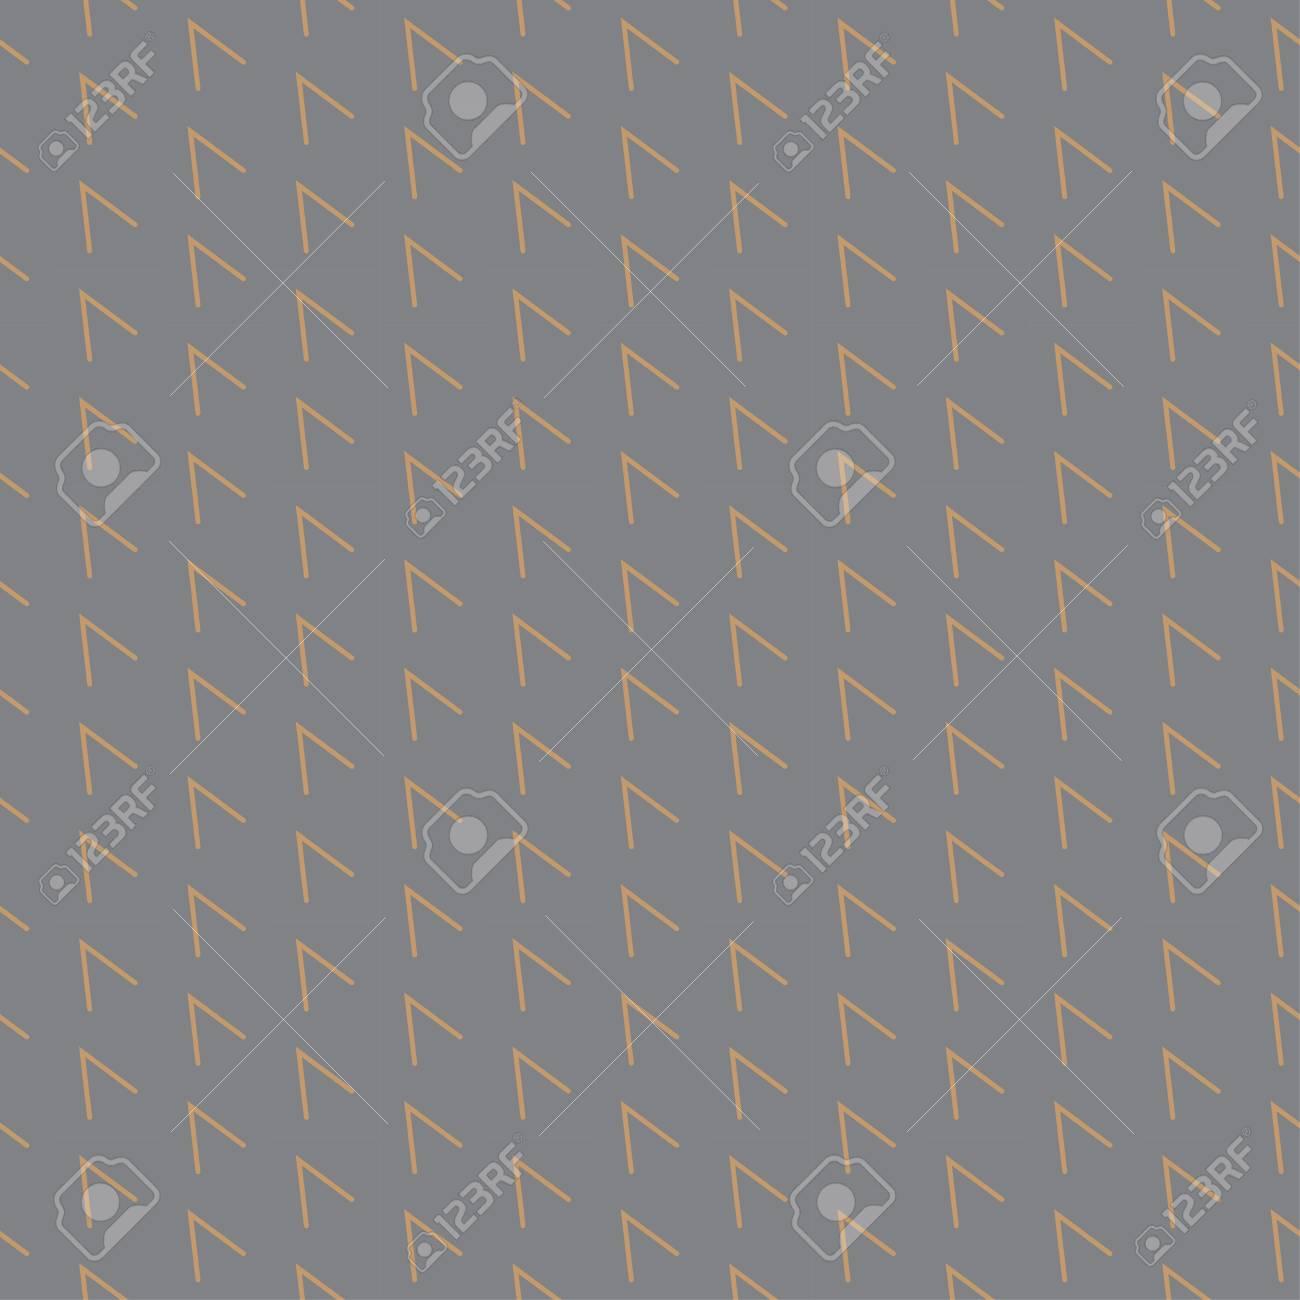 シンプルなパターンの最小限のスタイル 抽象的な背景の壁紙の